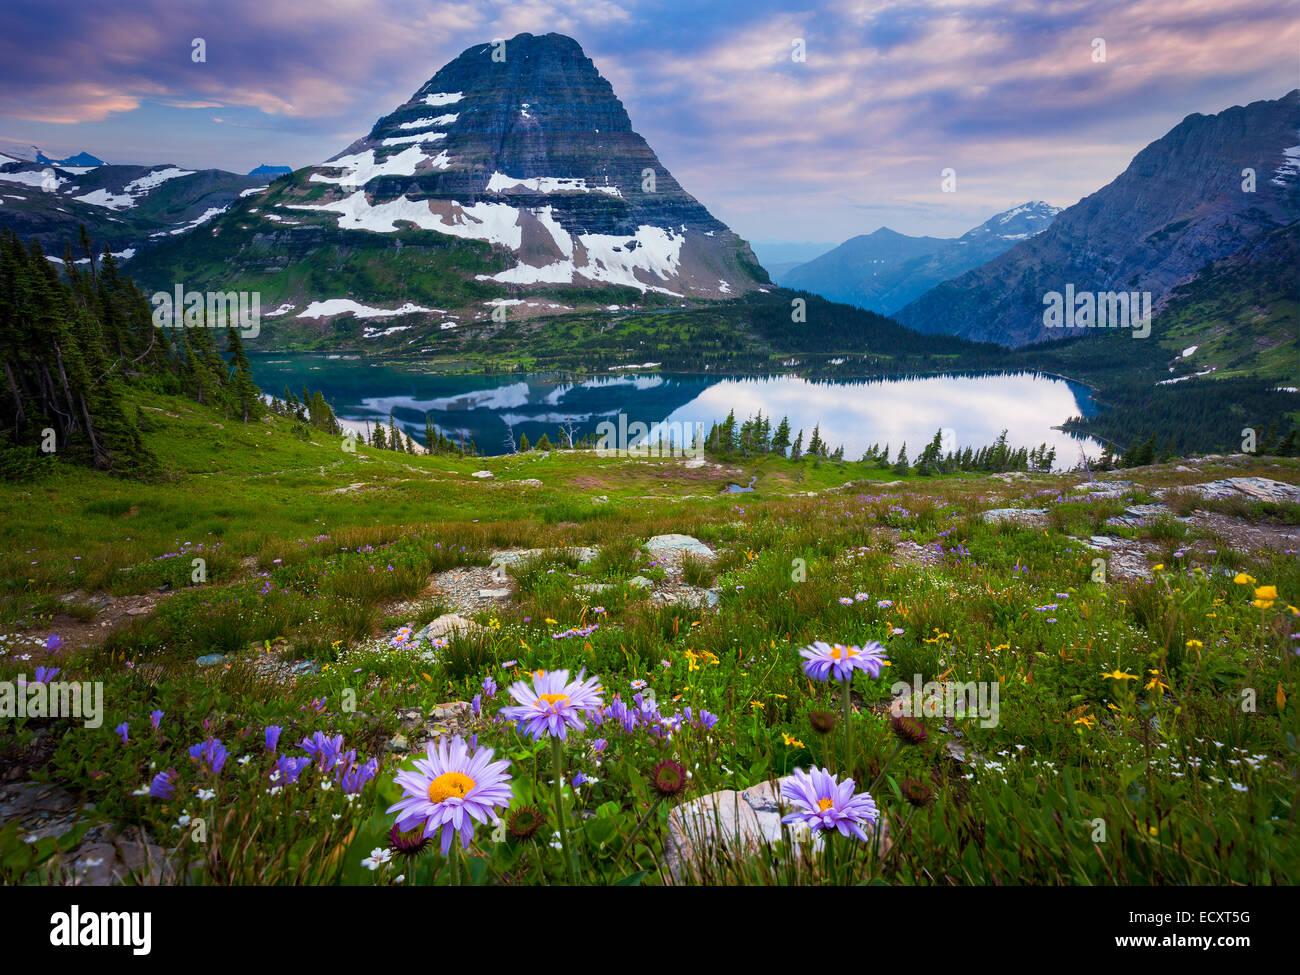 Hidden Lake está ubicado en el Parque Nacional de Los Glaciares, en la U. S. el estado de Montana. Imagen De Stock